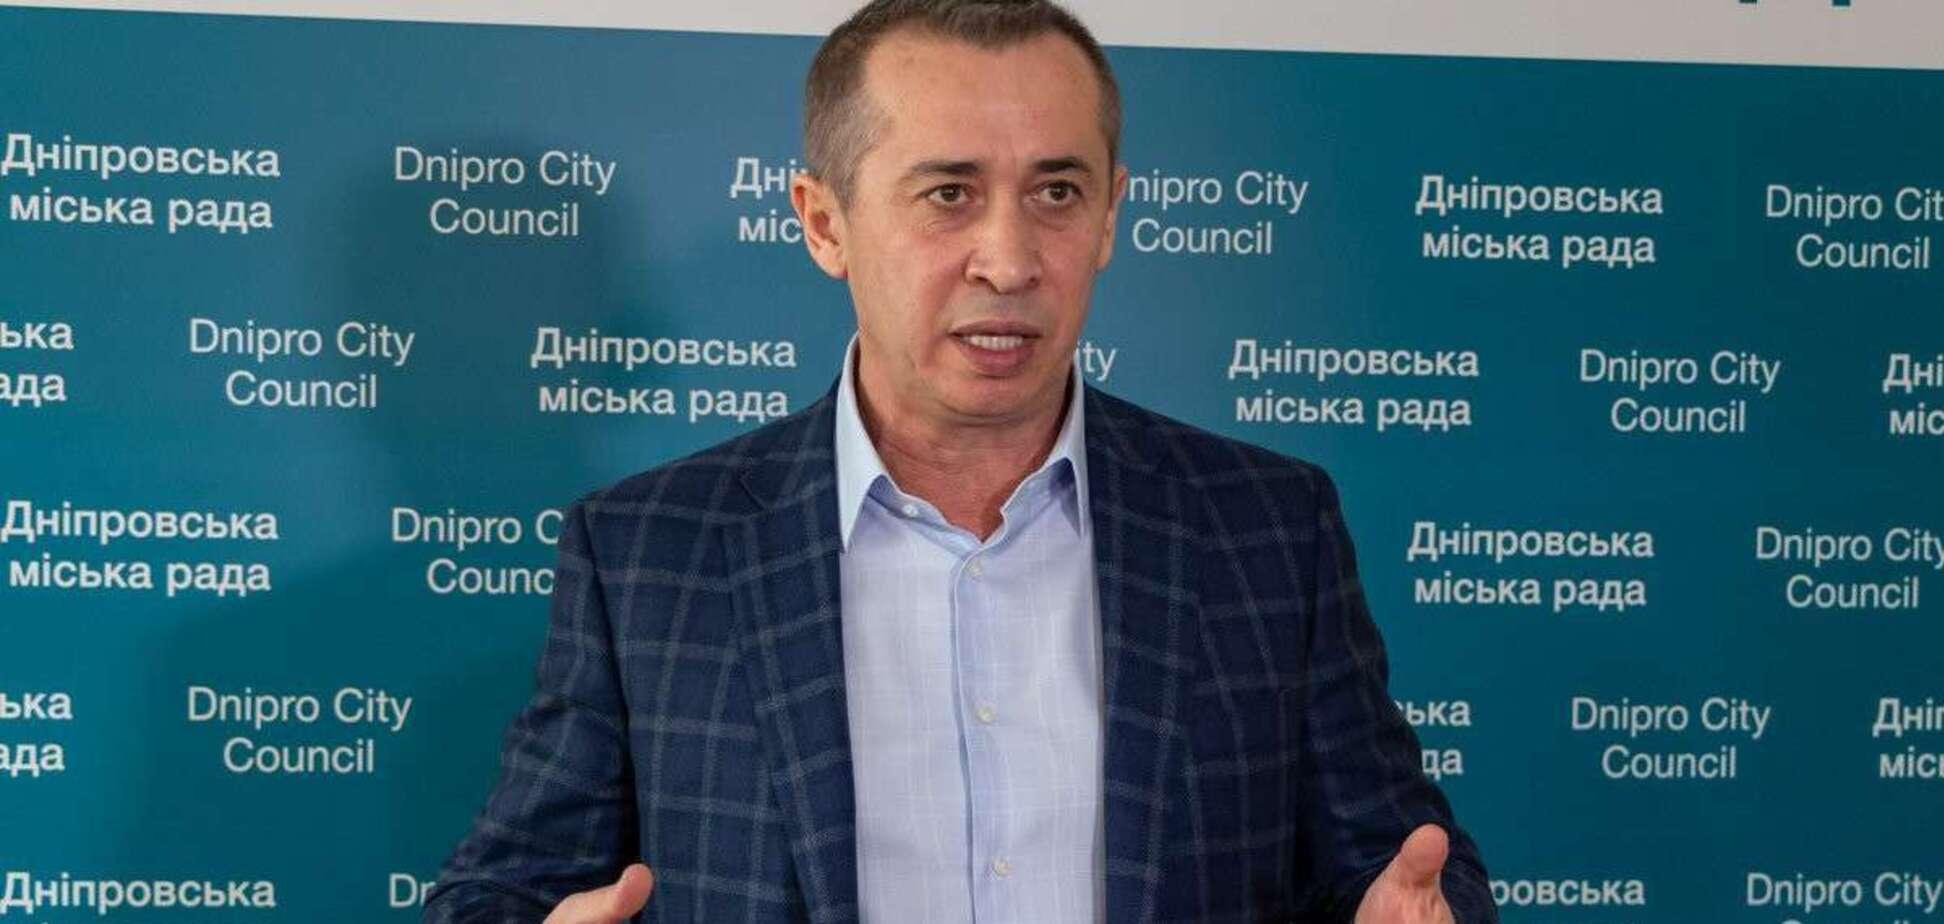 ЗМІ викрили Загіда Краснова у продовженні фальсифікацій результатів виборів